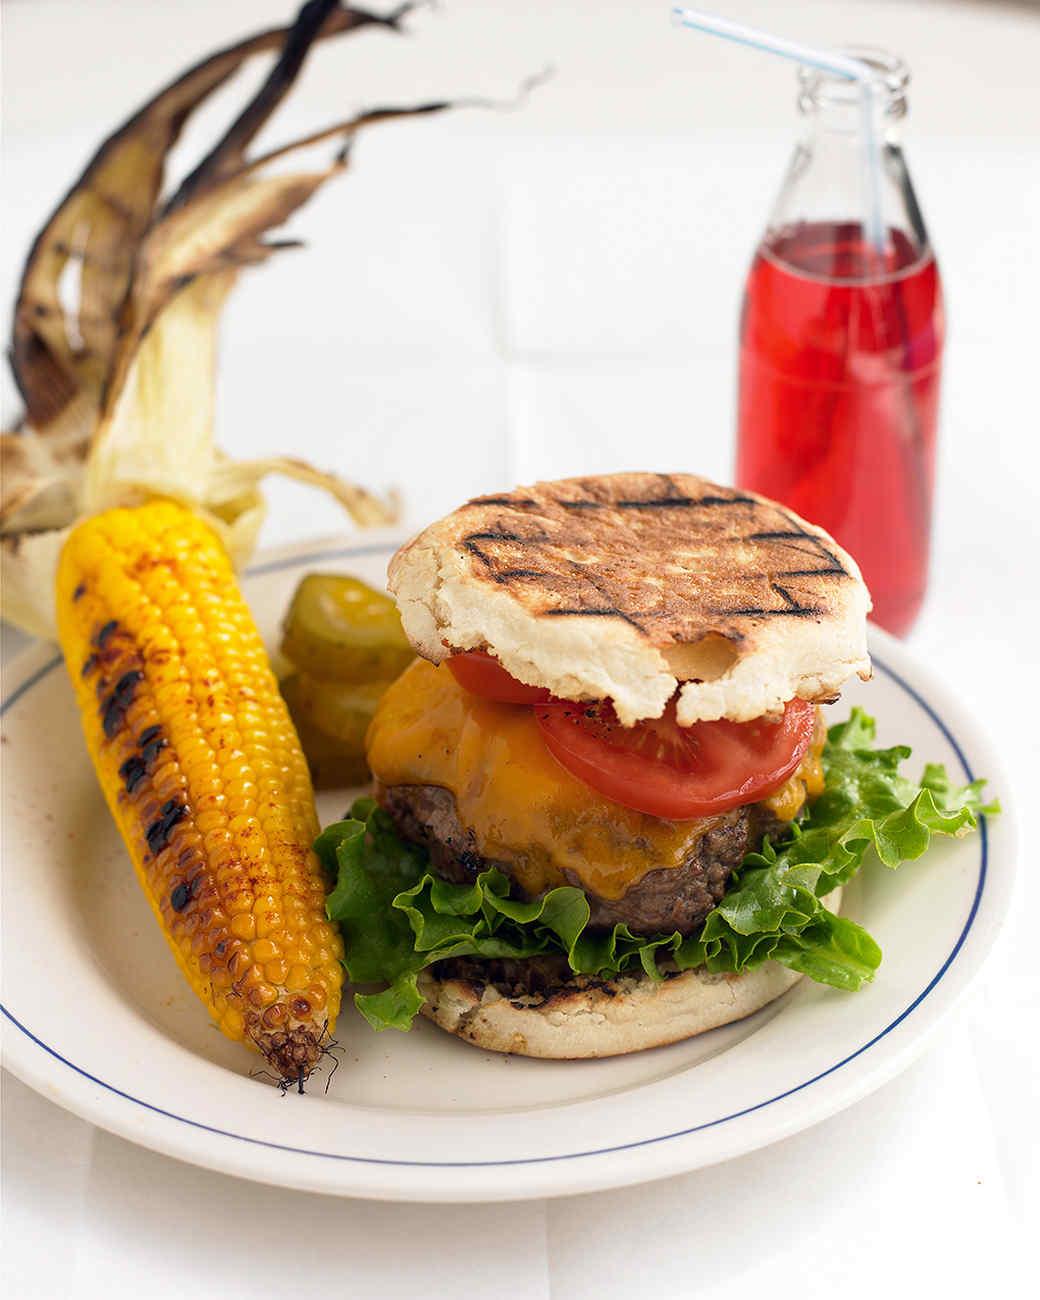 edf_jul06_burger_cheddar.jpg